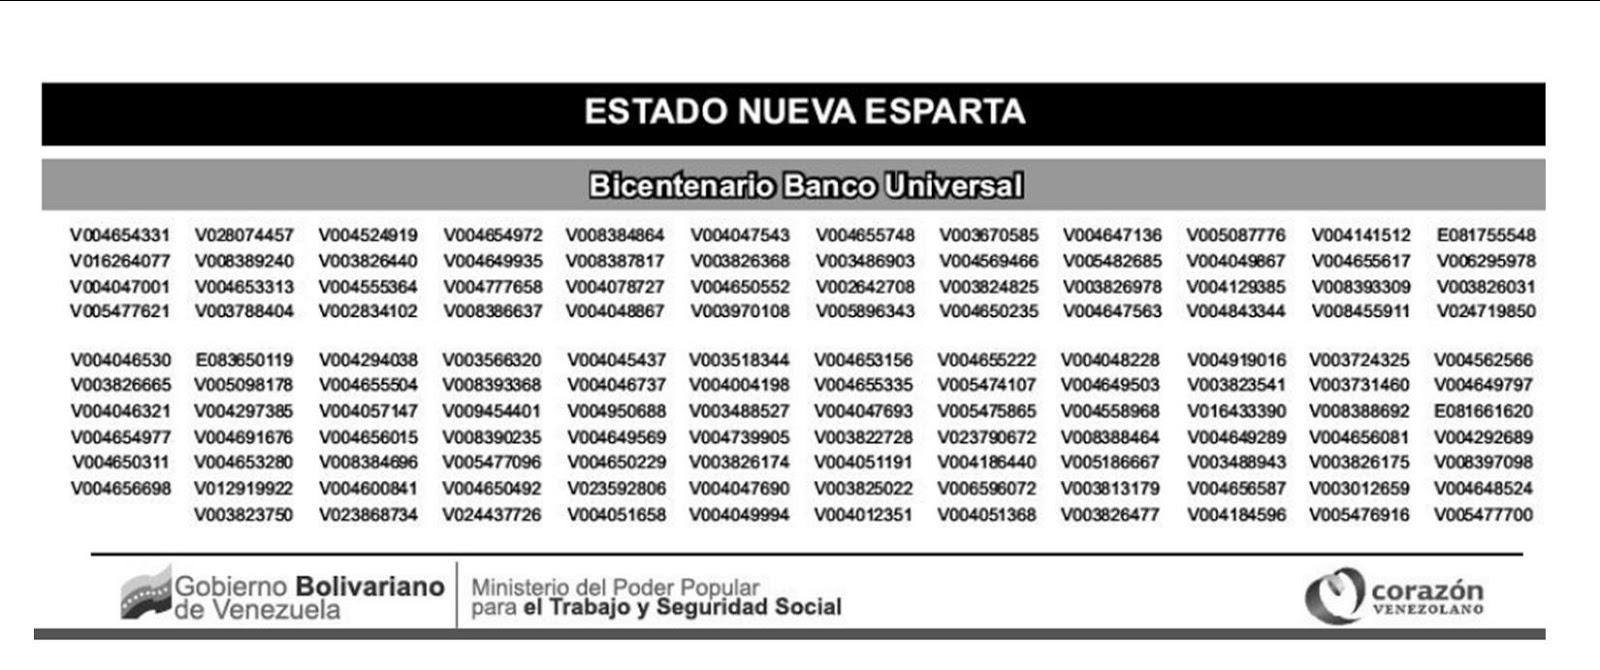 publican lista de primeros 20 mil hijos de venezuela